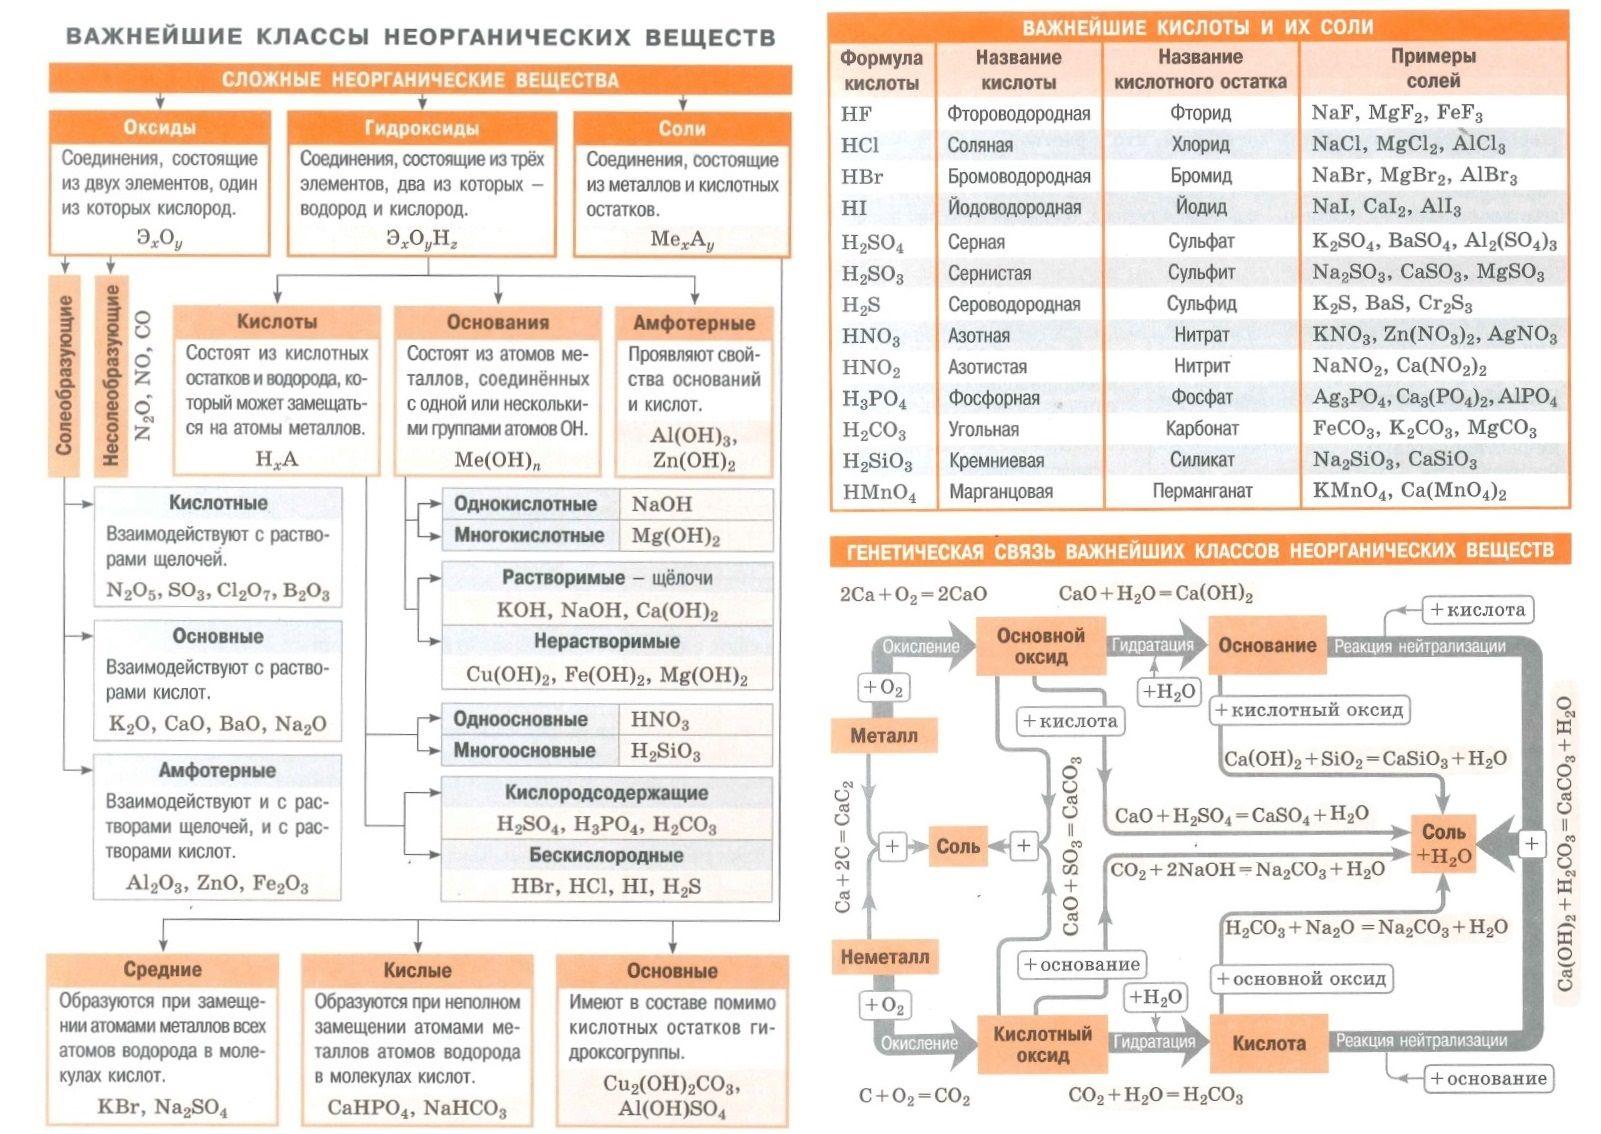 гидроксиды 10 соли кислоты